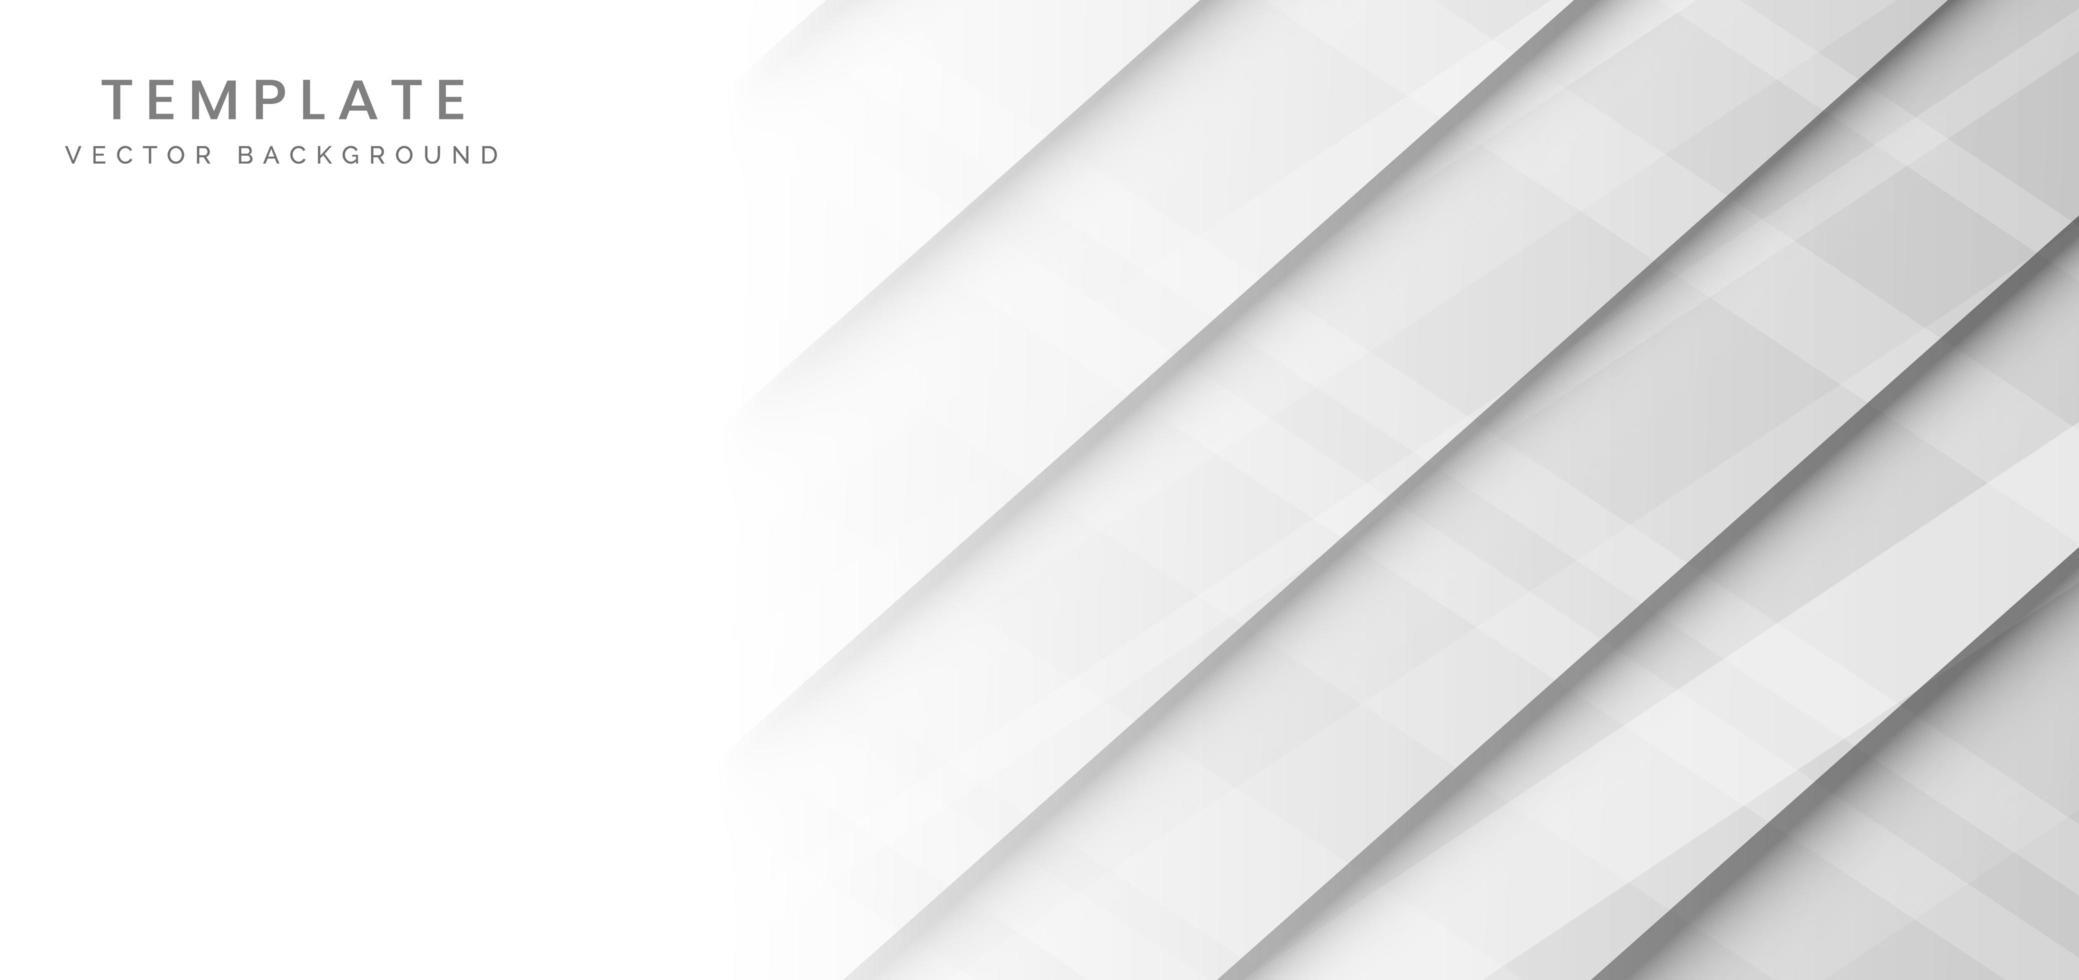 modello futuristico astratto bianco della bandiera vettore